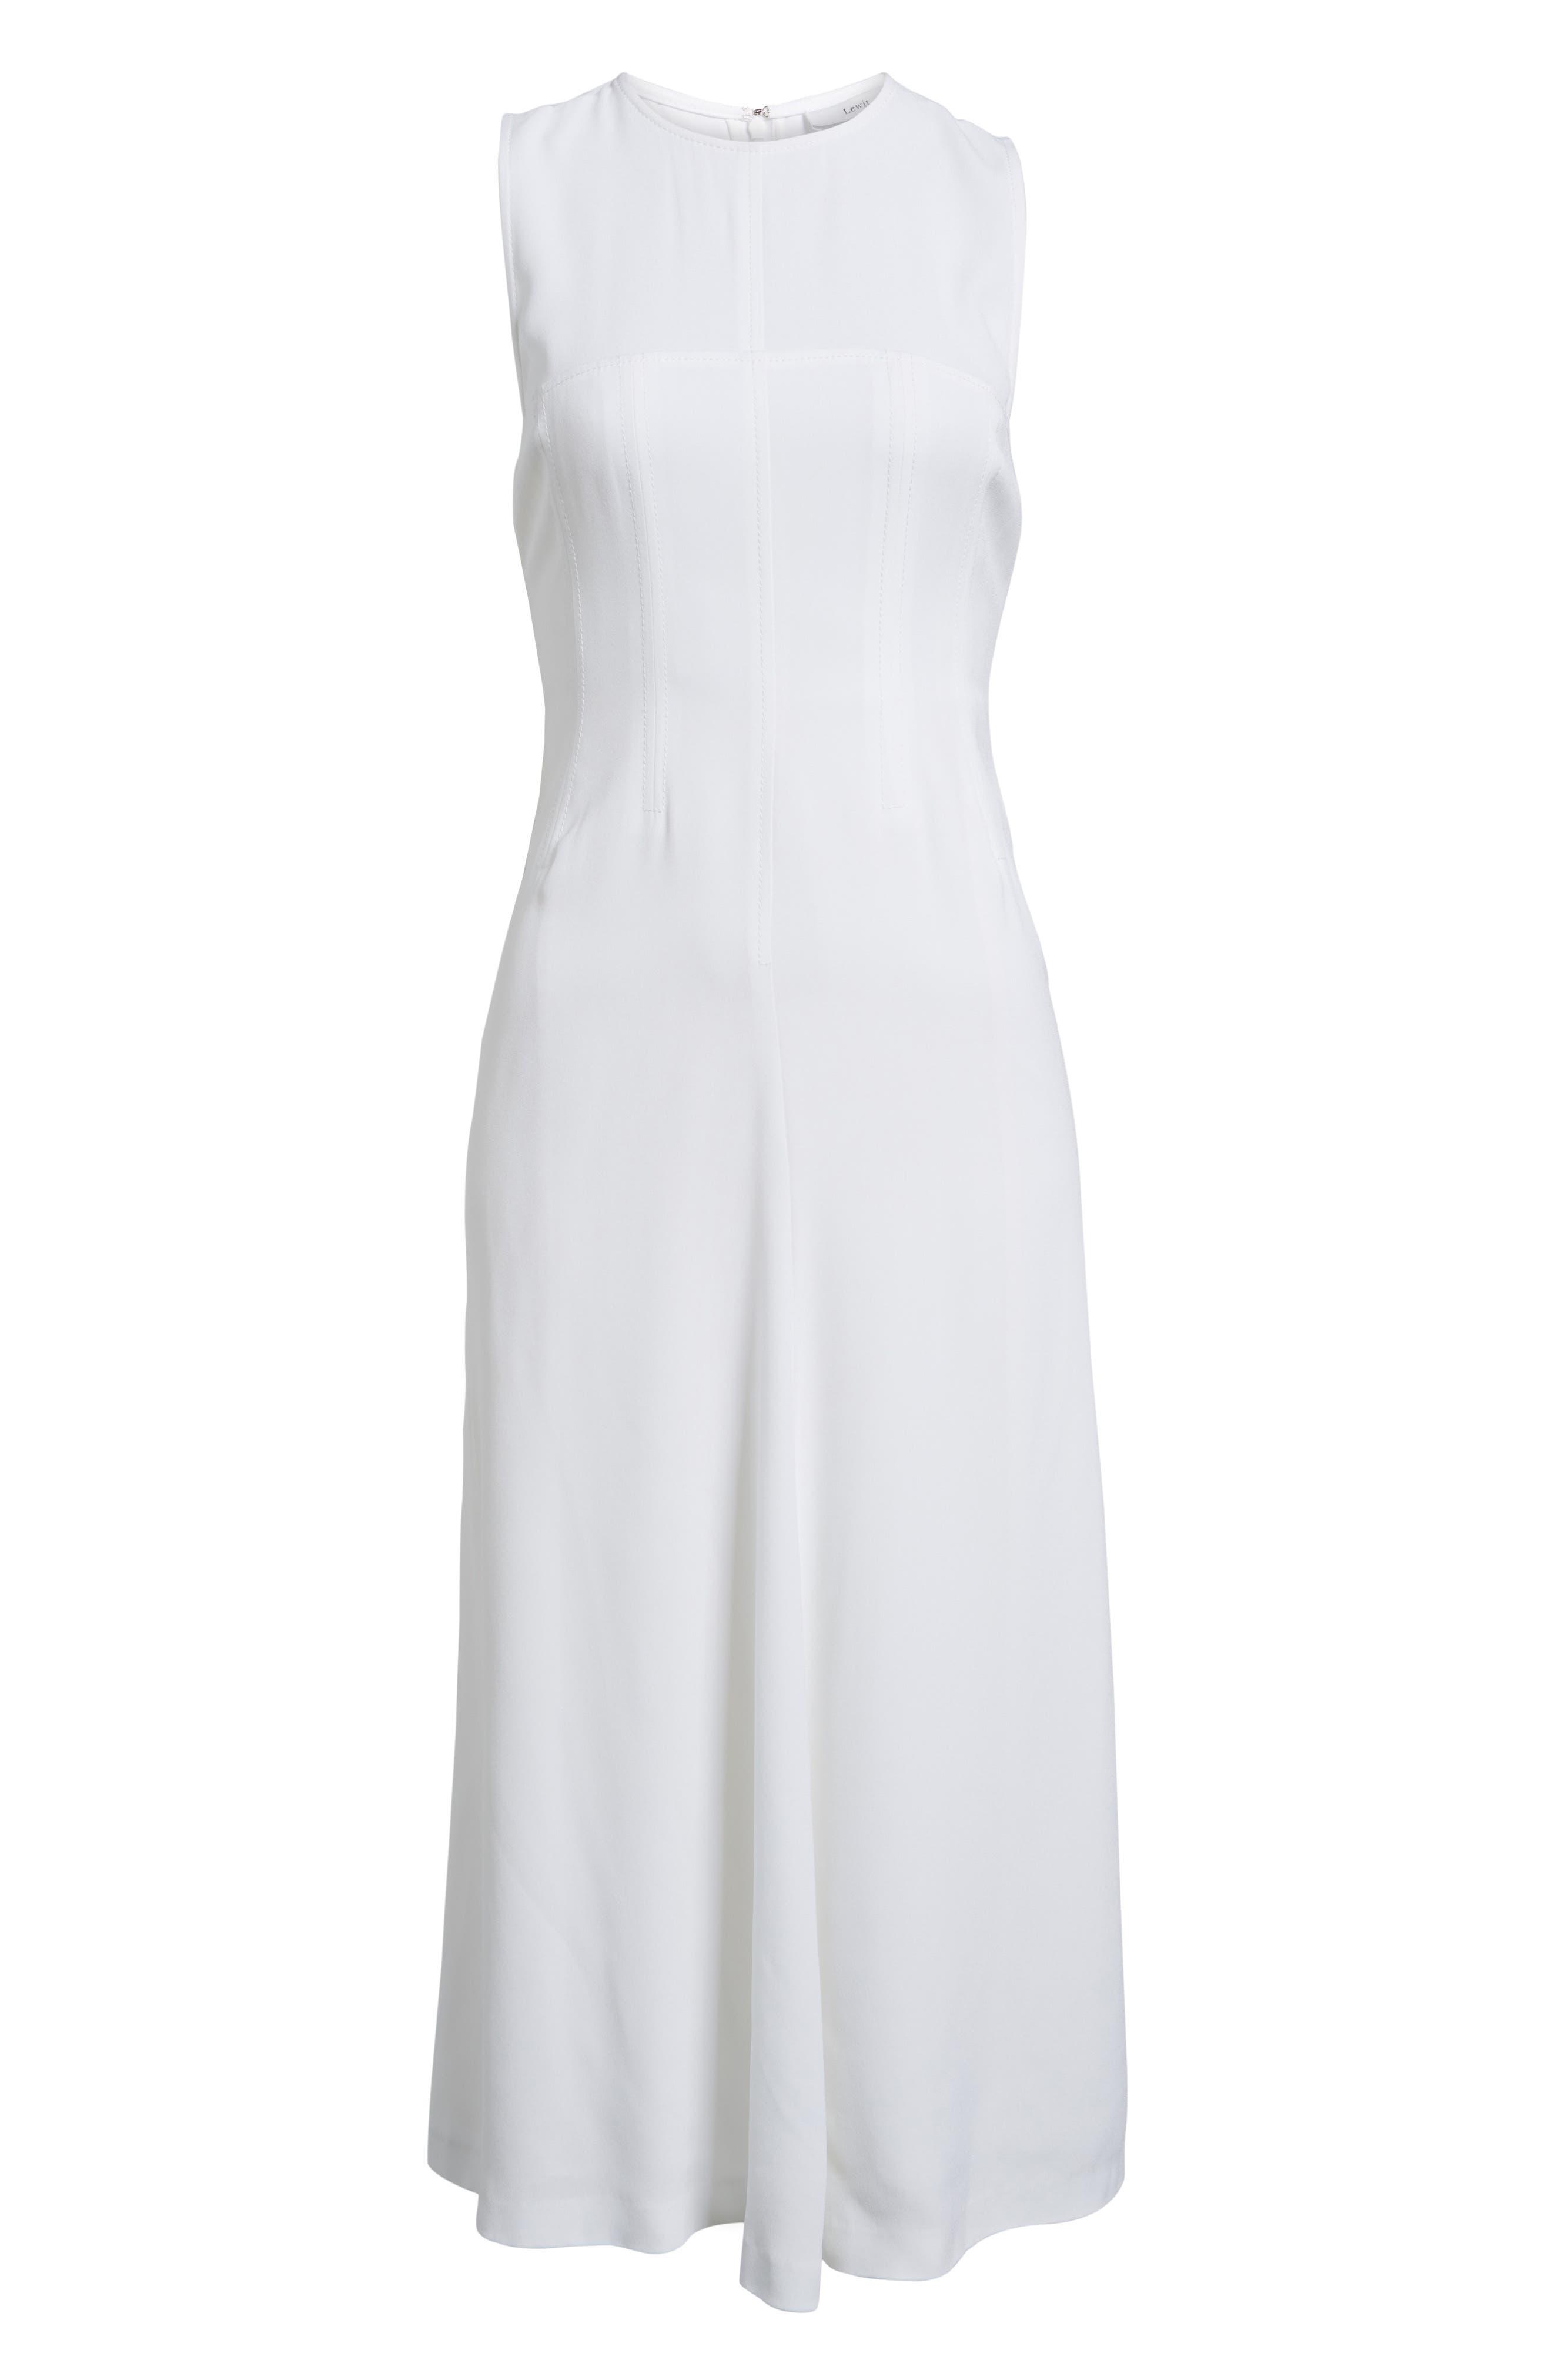 Corset Detail Midi Dress,                             Alternate thumbnail 6, color,                             100